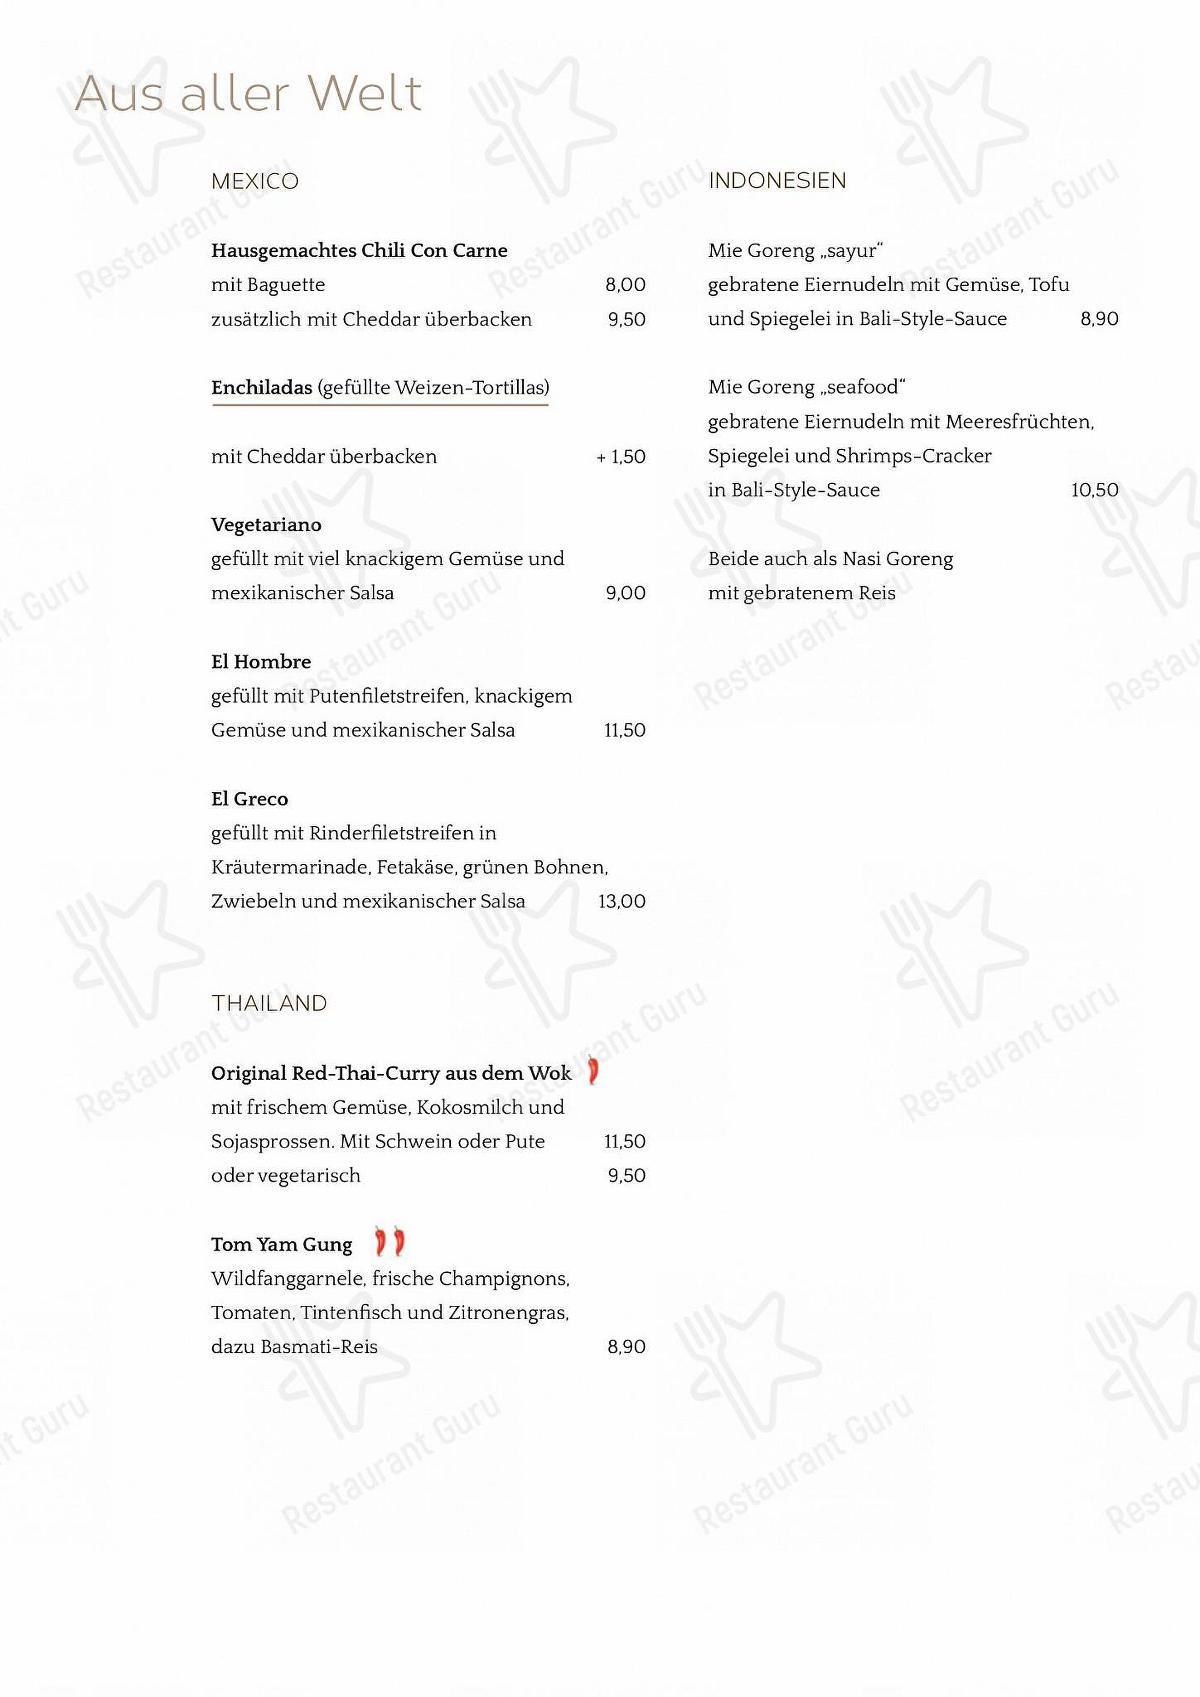 Stechl Keller menu - dishes and beverages